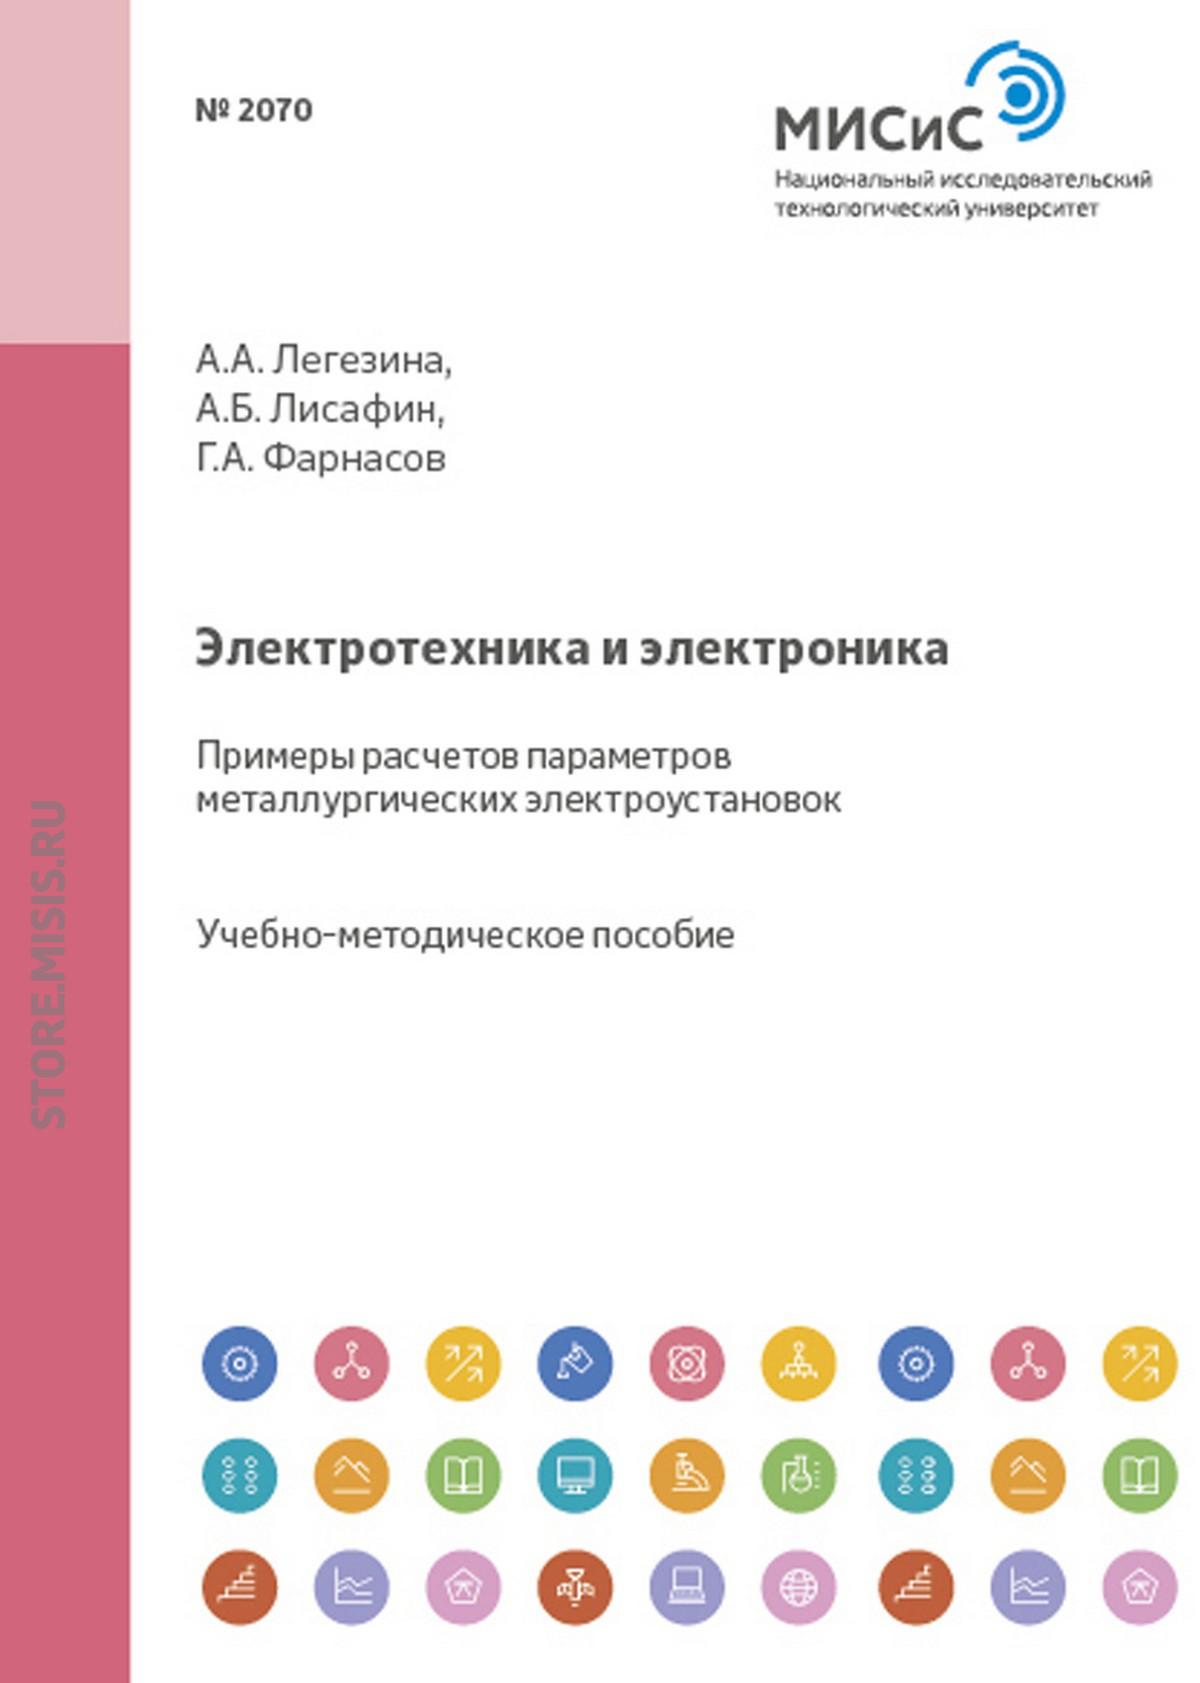 Александр Лисафин Электротехника и электроника. Примеры расчетов параметров металлургических электроустановок